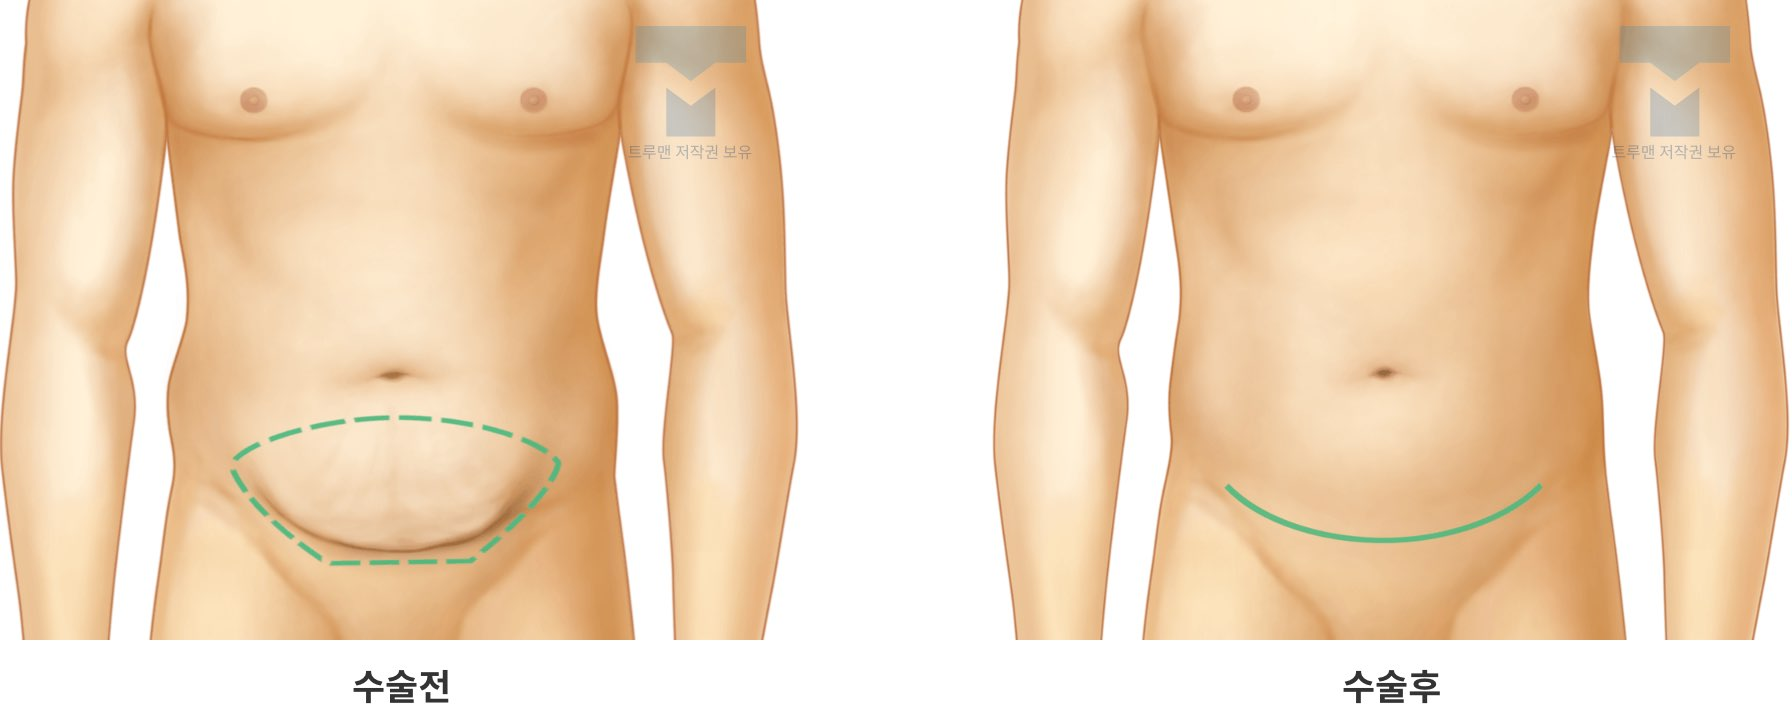 부분 복부 성형 (좁은 범위의 하복부)